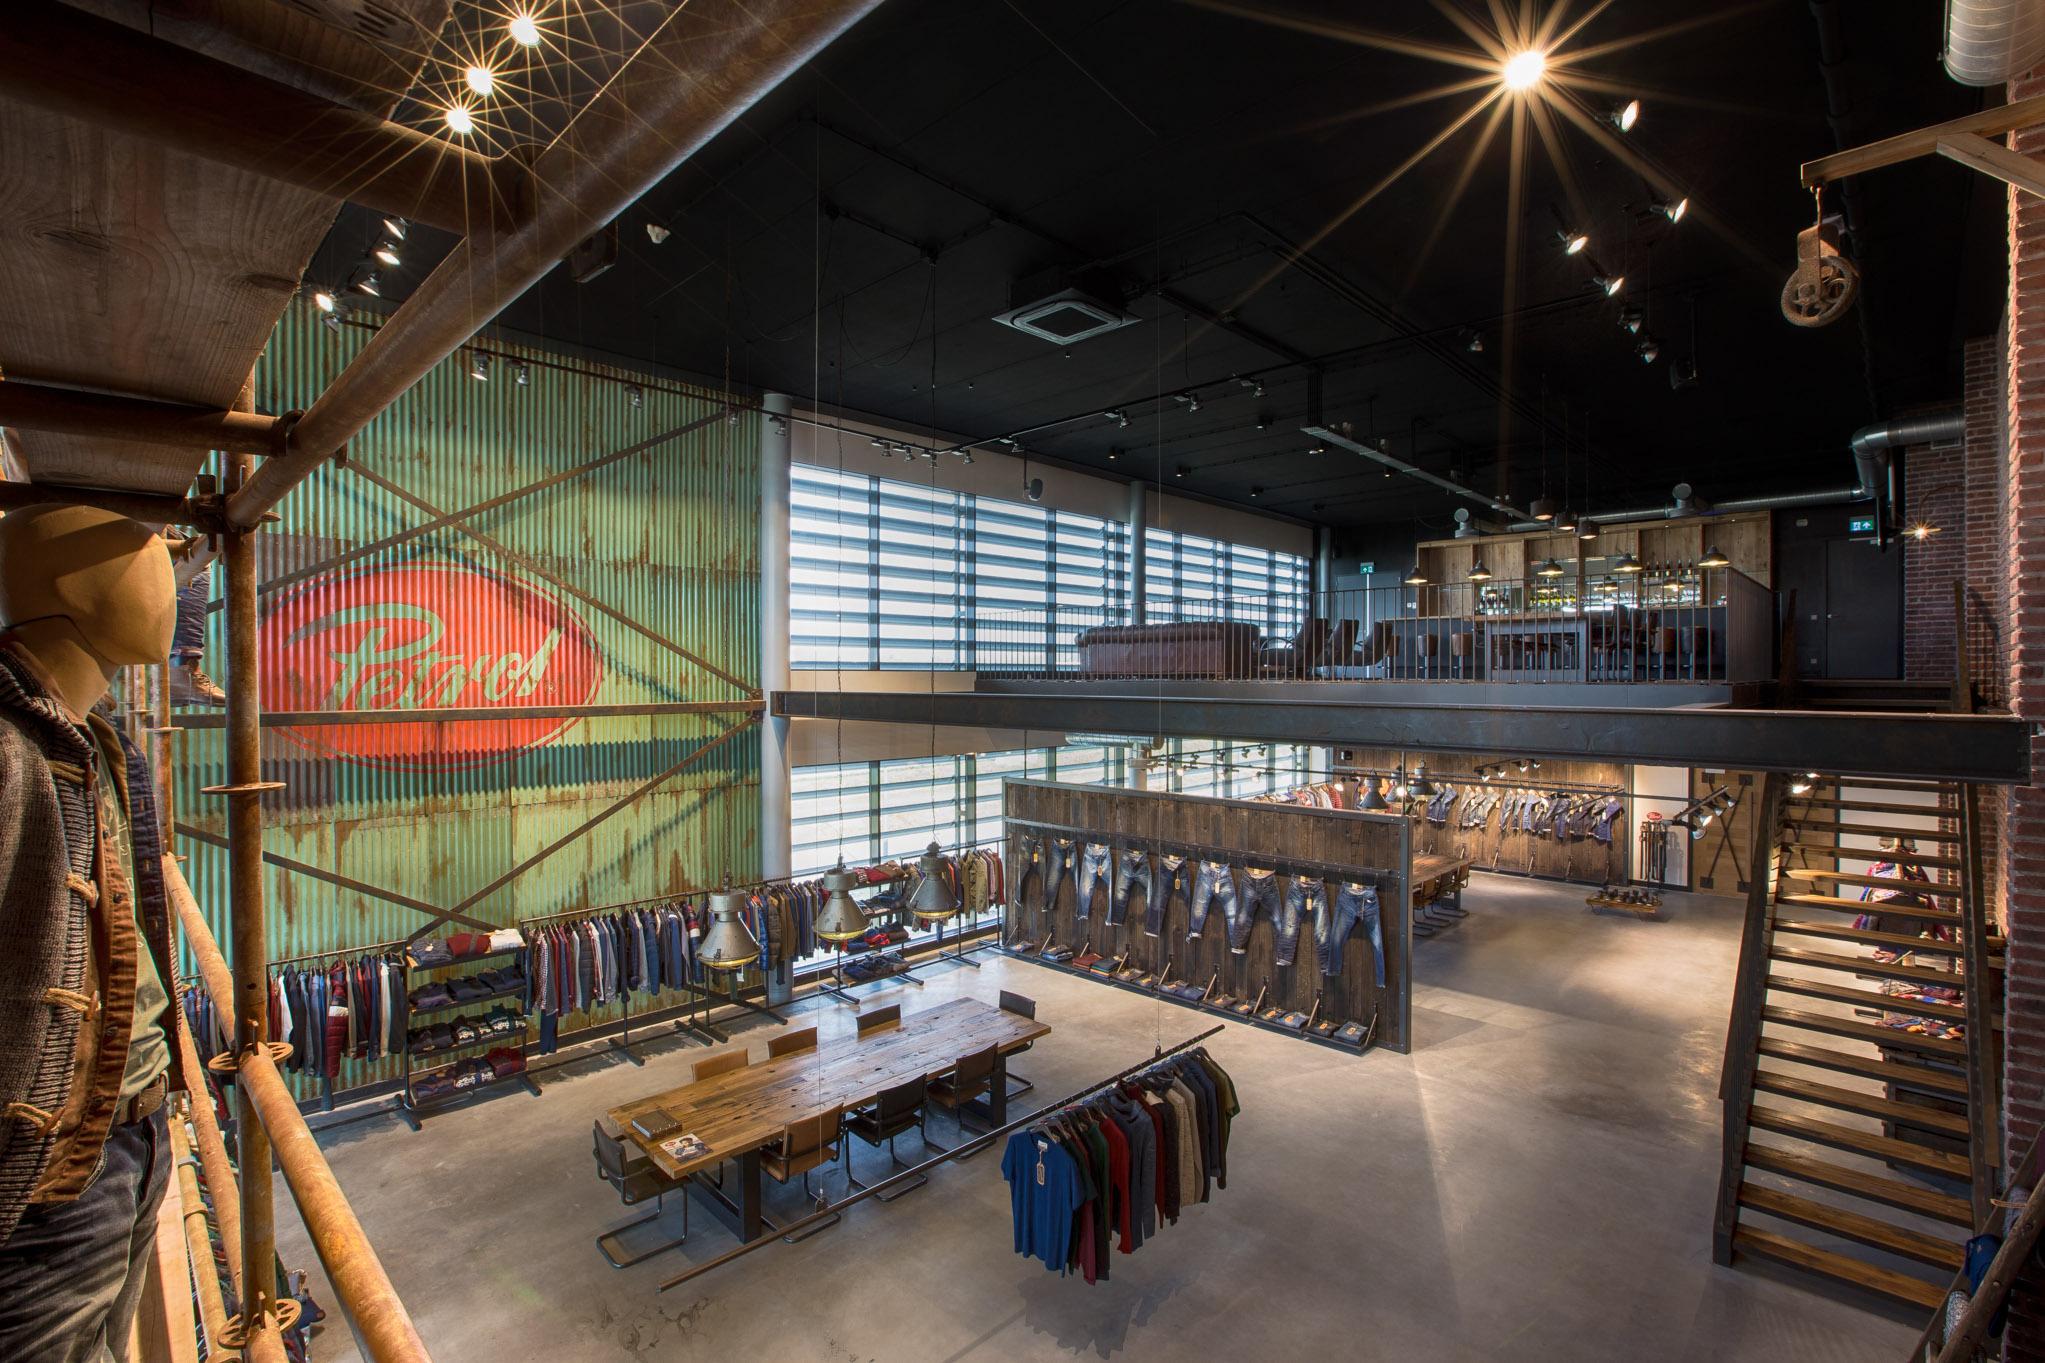 Interieur en design fotoreportage gemaakt door FischerFotografie, provincie Noord Brabant.